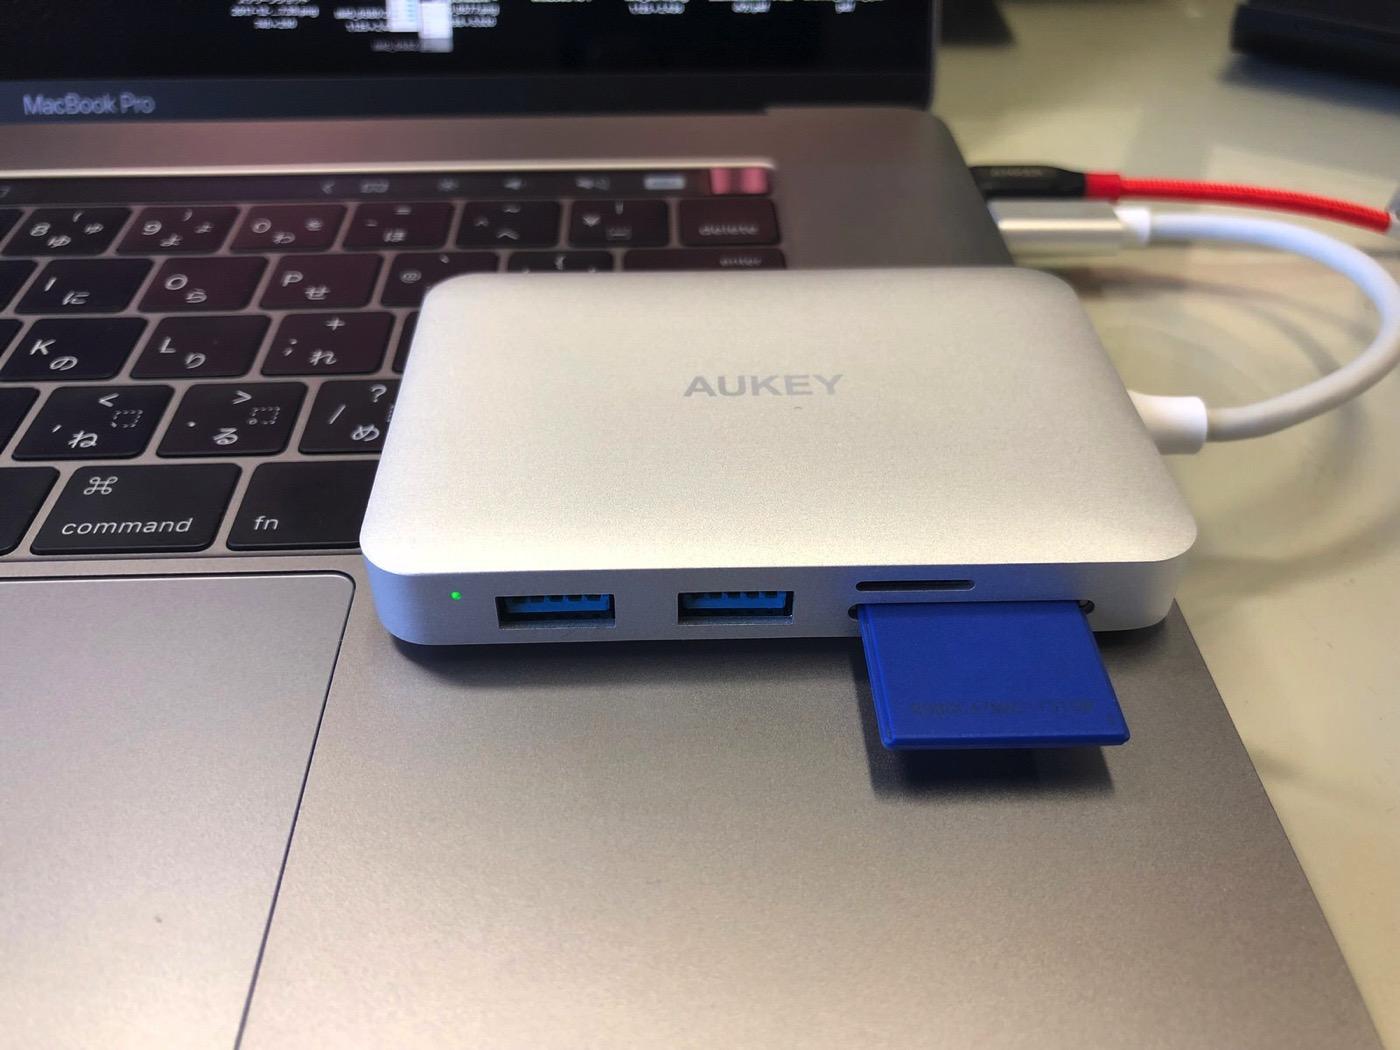 AUKEY USB C ハブ 7 in 1 マルチハブ-12